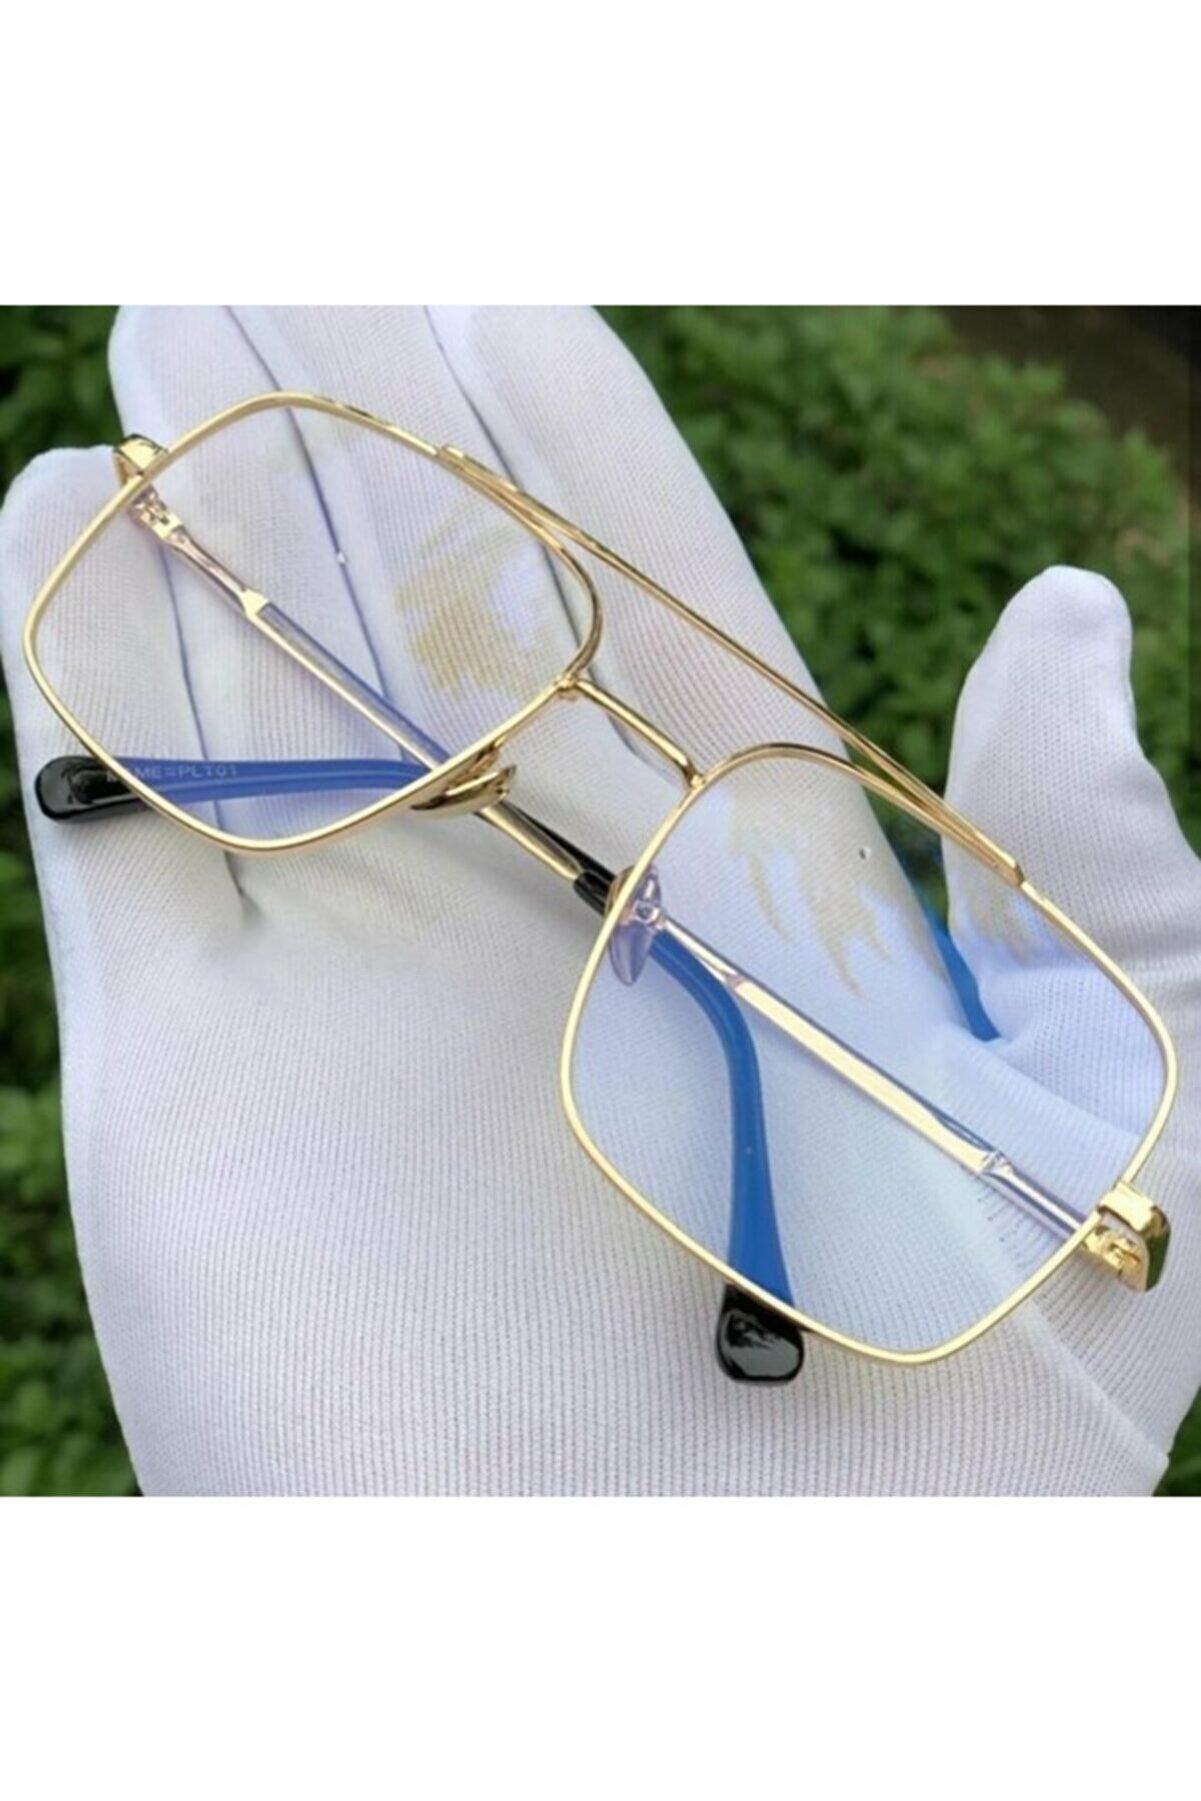 BLUE MOON GLASSES Reynmen Model Şeffaf Cam Gold Çerçeveli Uv400 Korumalı Pilot Güneş Gözlüğü